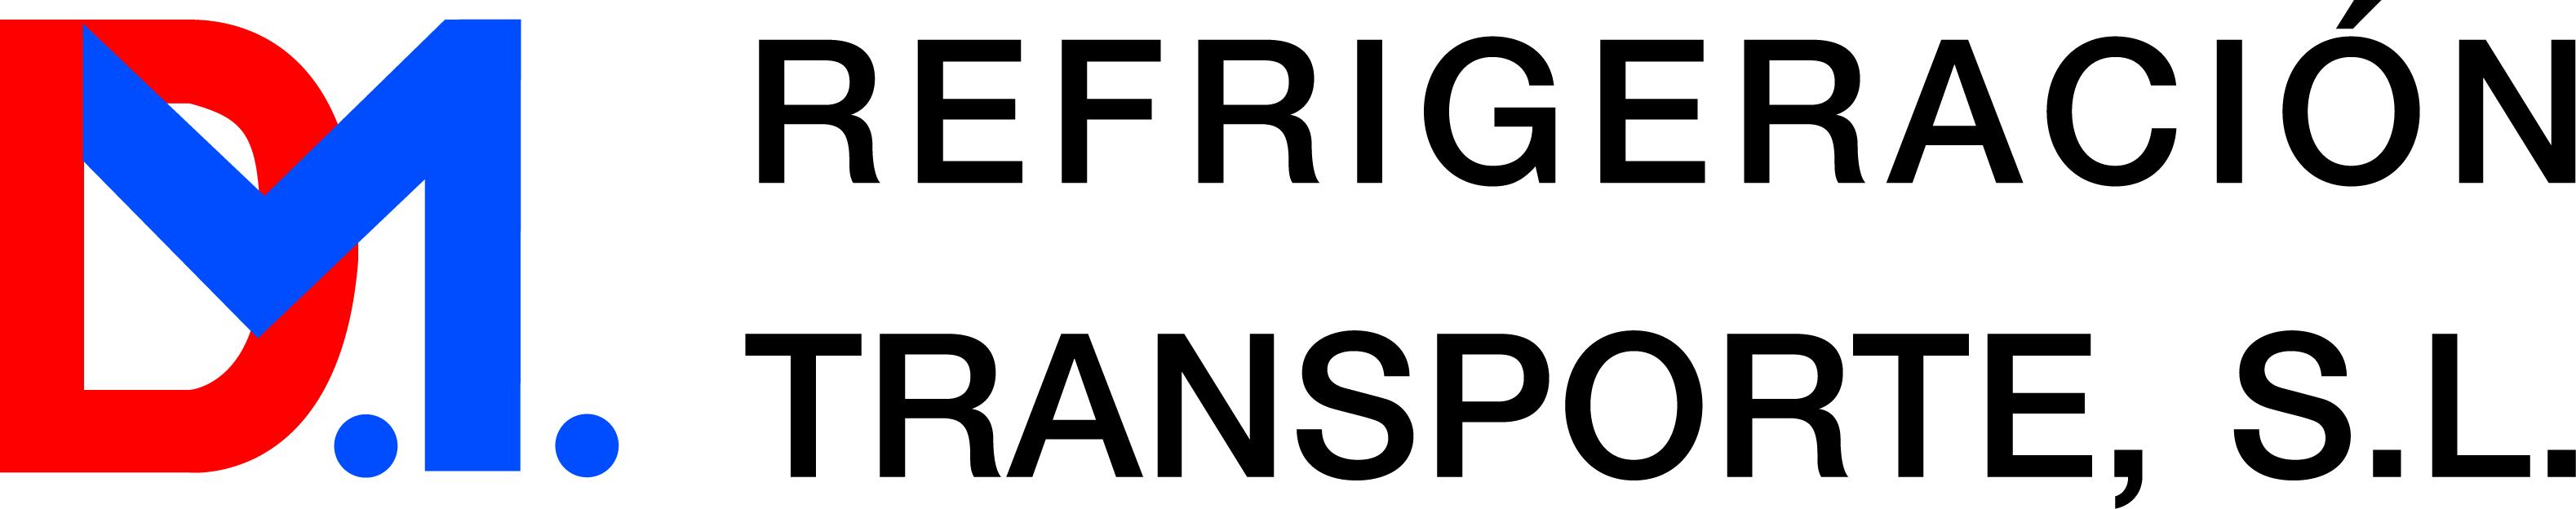 DM Refrigeración Transporte